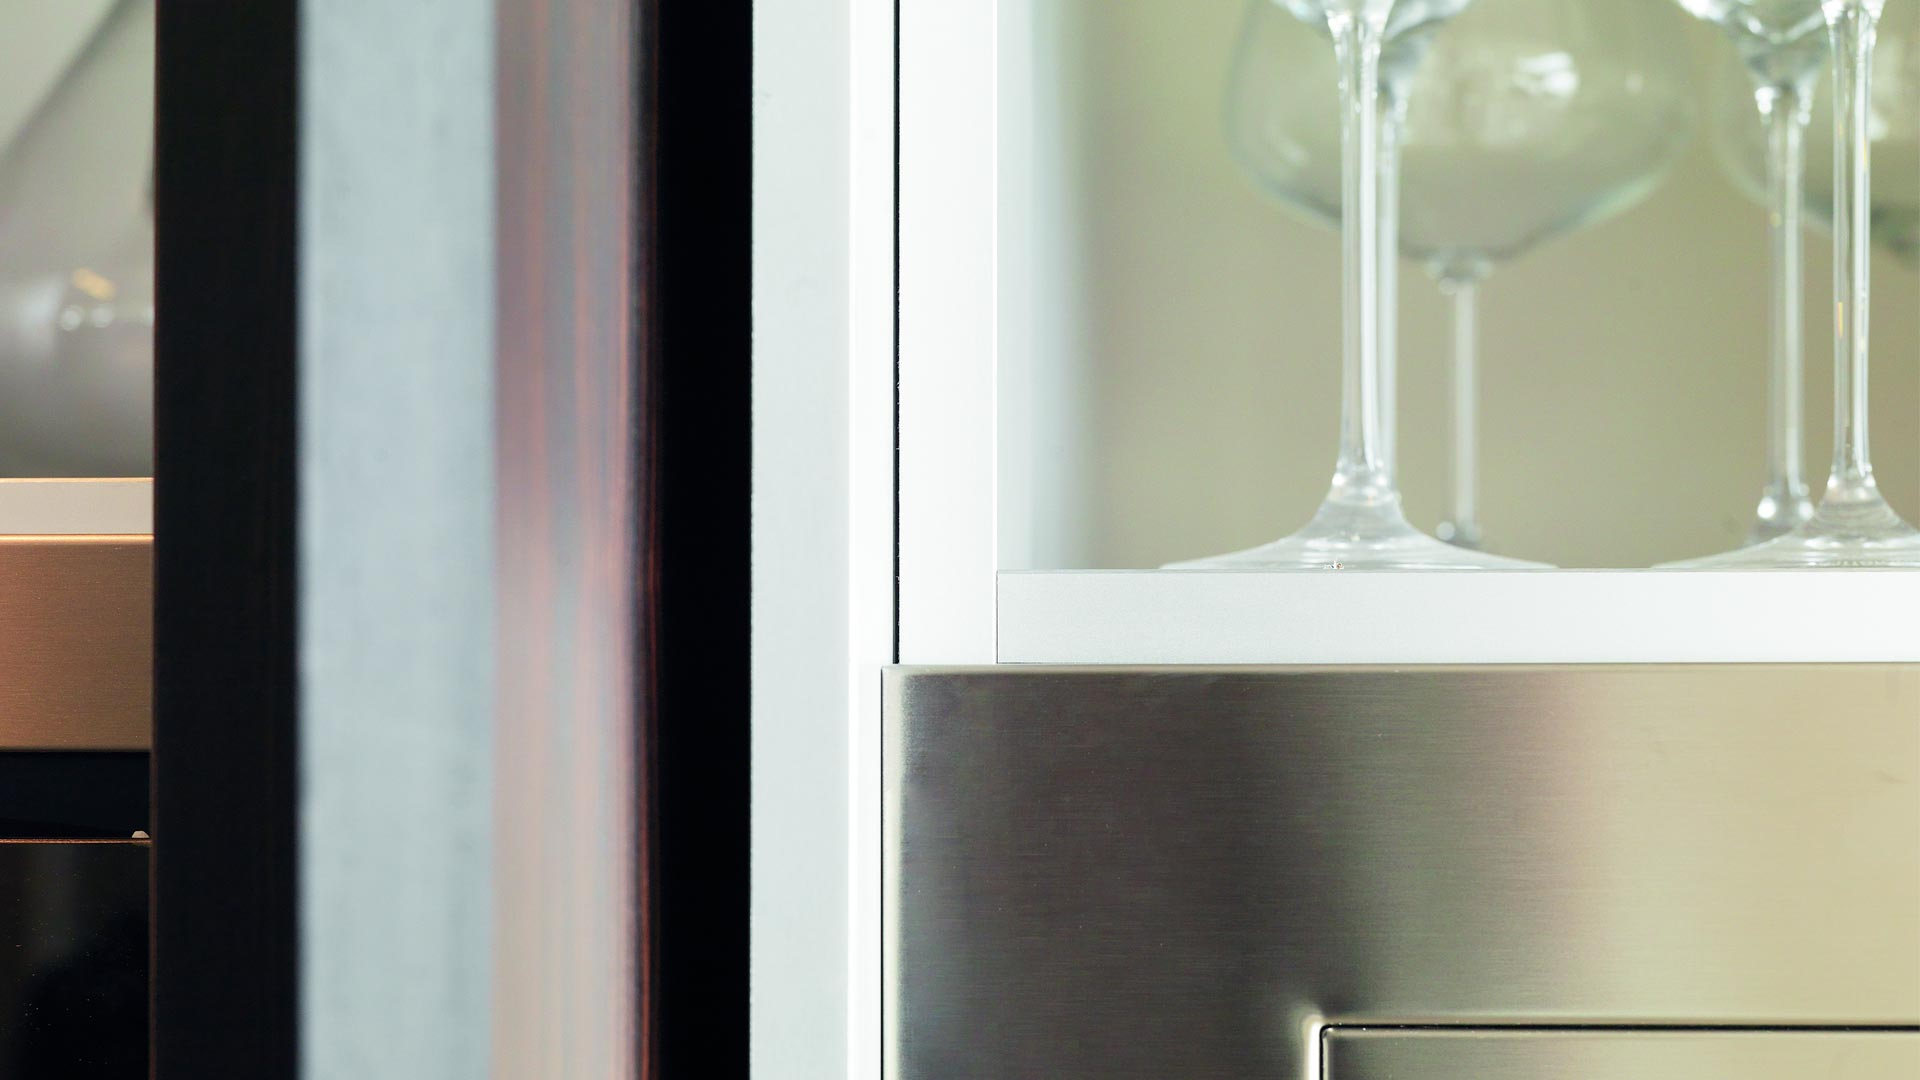 Realizzazione TMItalia Cucina Su Misura 7 A Milano Su Concept T45 #684E3F 1920 1080 Programma Per Creare Cucine Su Misura